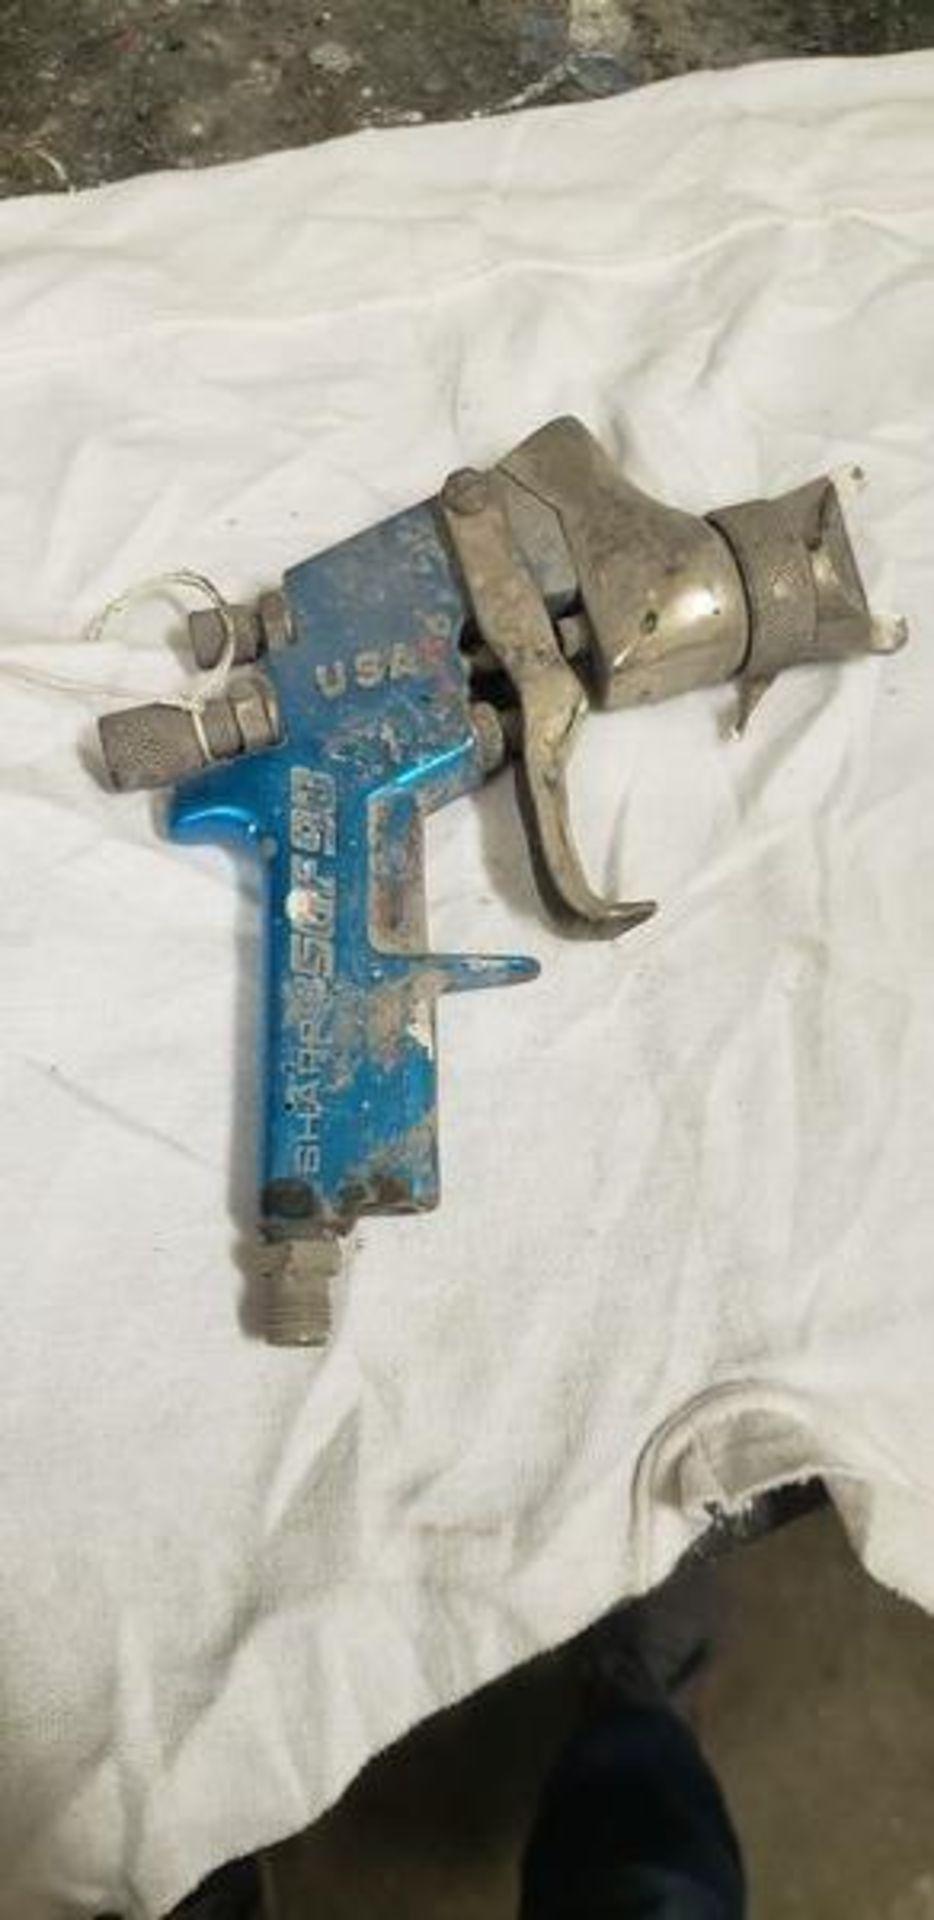 SHARPE SGF98 USA SPRAY GUN